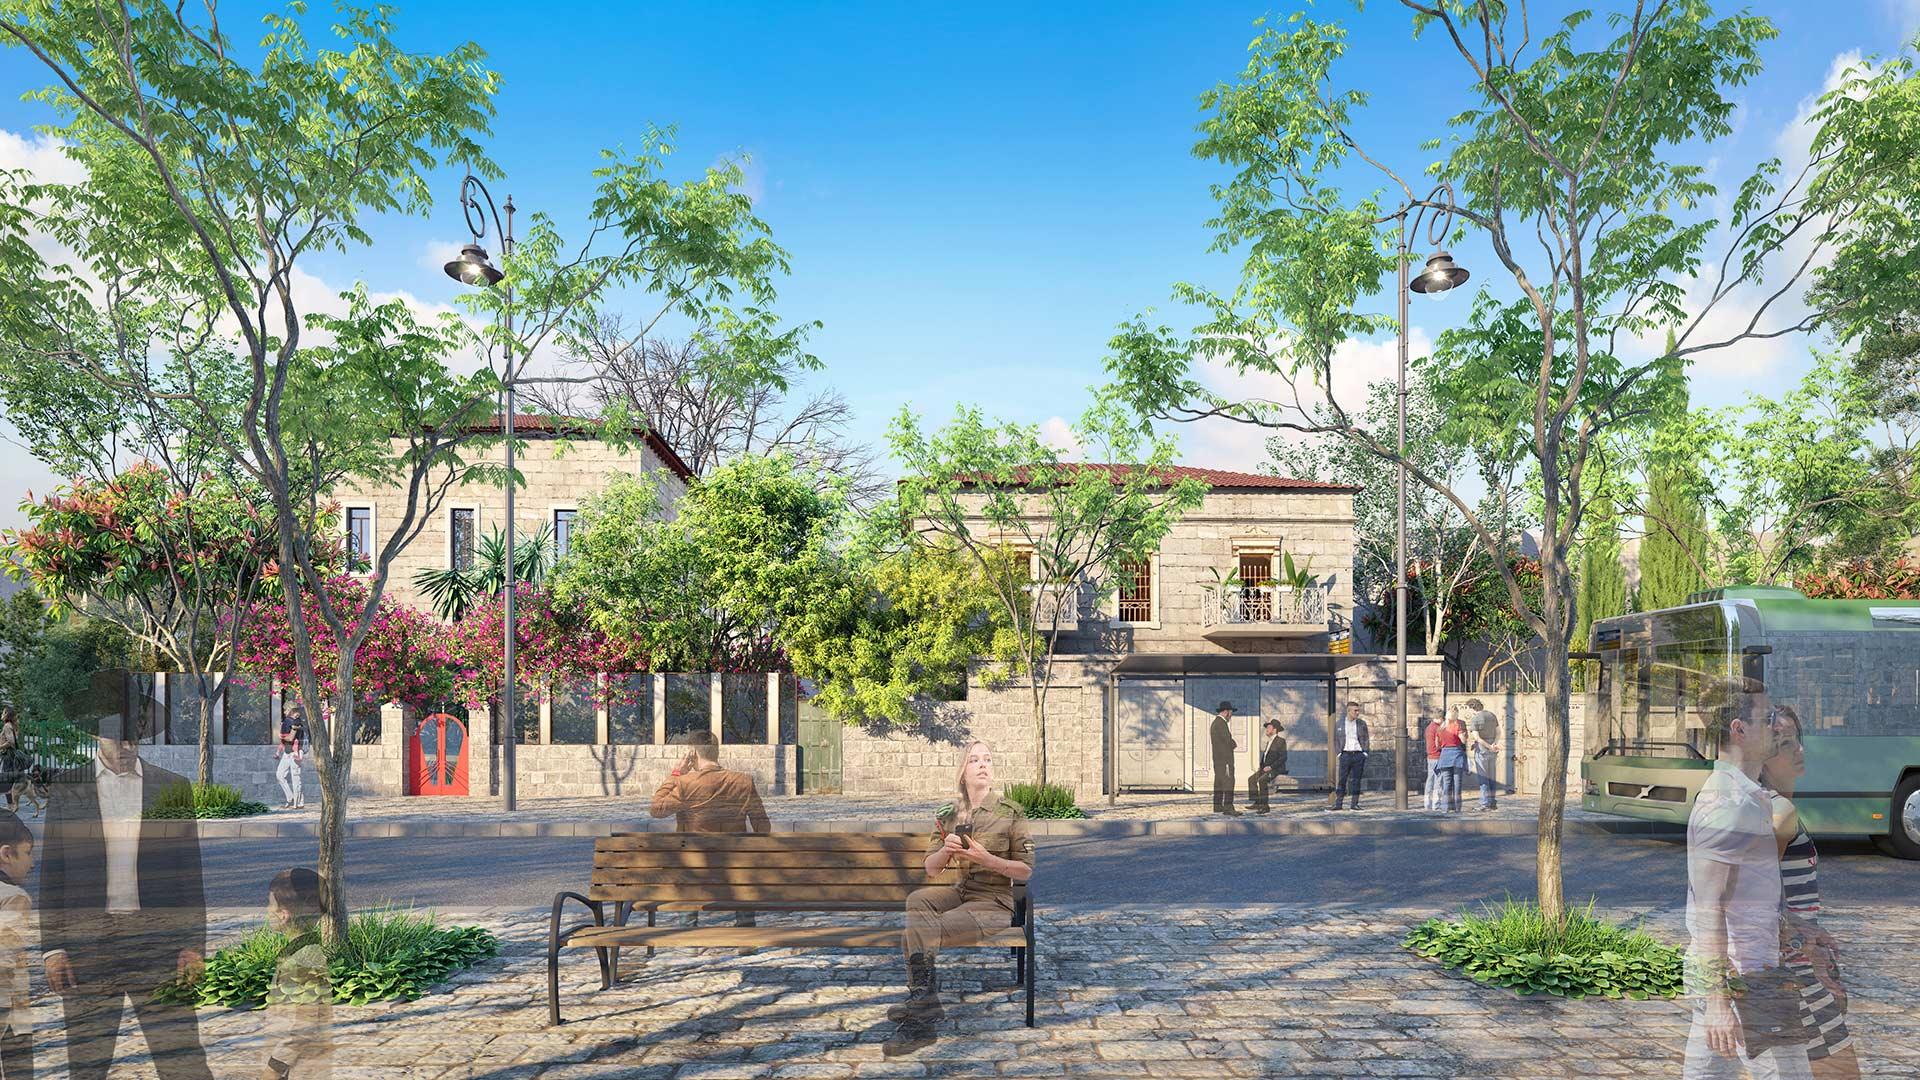 הדמיה אדריכלית של רחוב הנביאים בירושלים